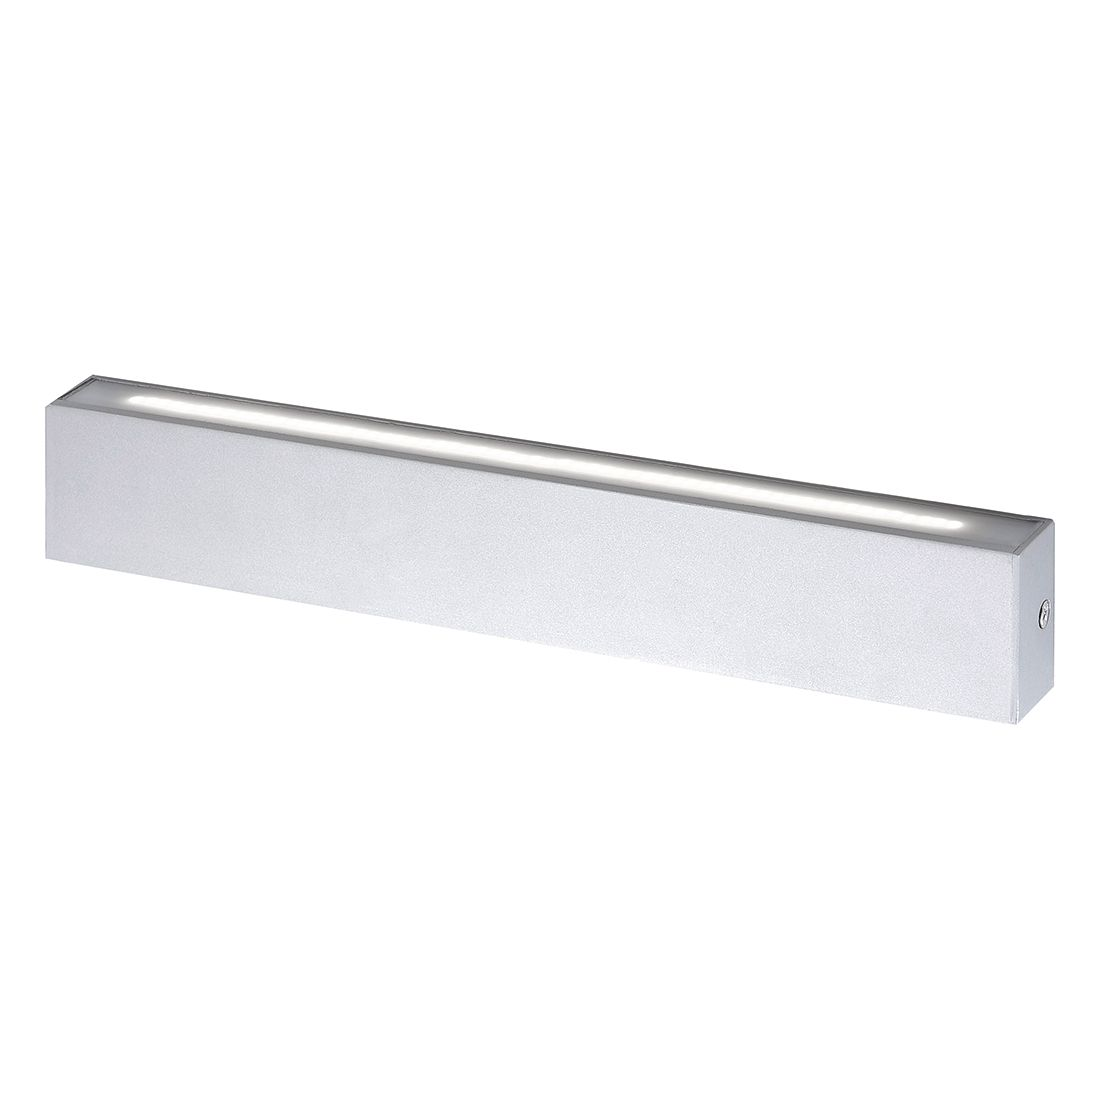 Wandleuchte Upahl – Aluminium matt – 2-flammig, FLI Leuchten jetzt bestellen